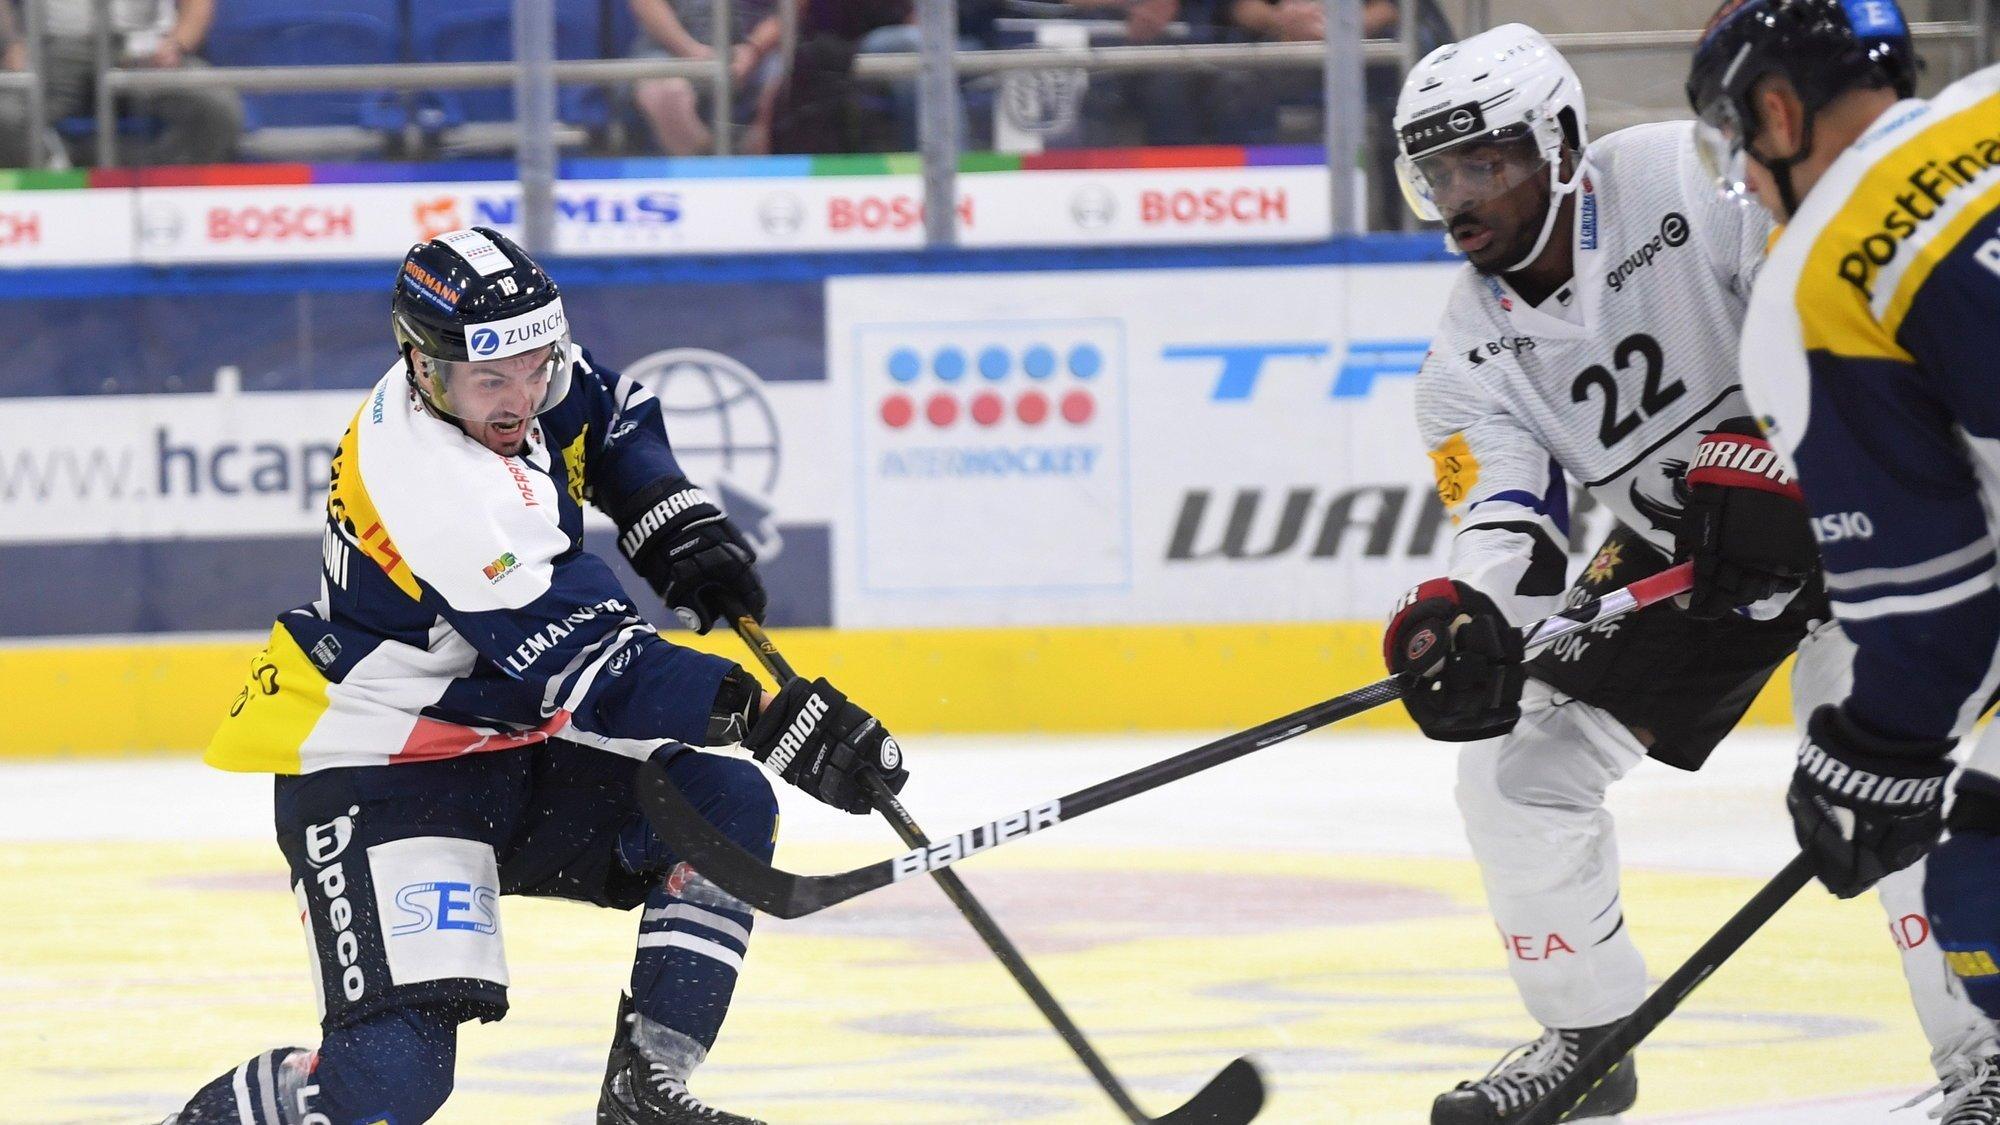 Dave Sutter (à droite, numéro 22) a découvert avec Fribourg la nouvelle patinoire d'Ambri-Piotta.